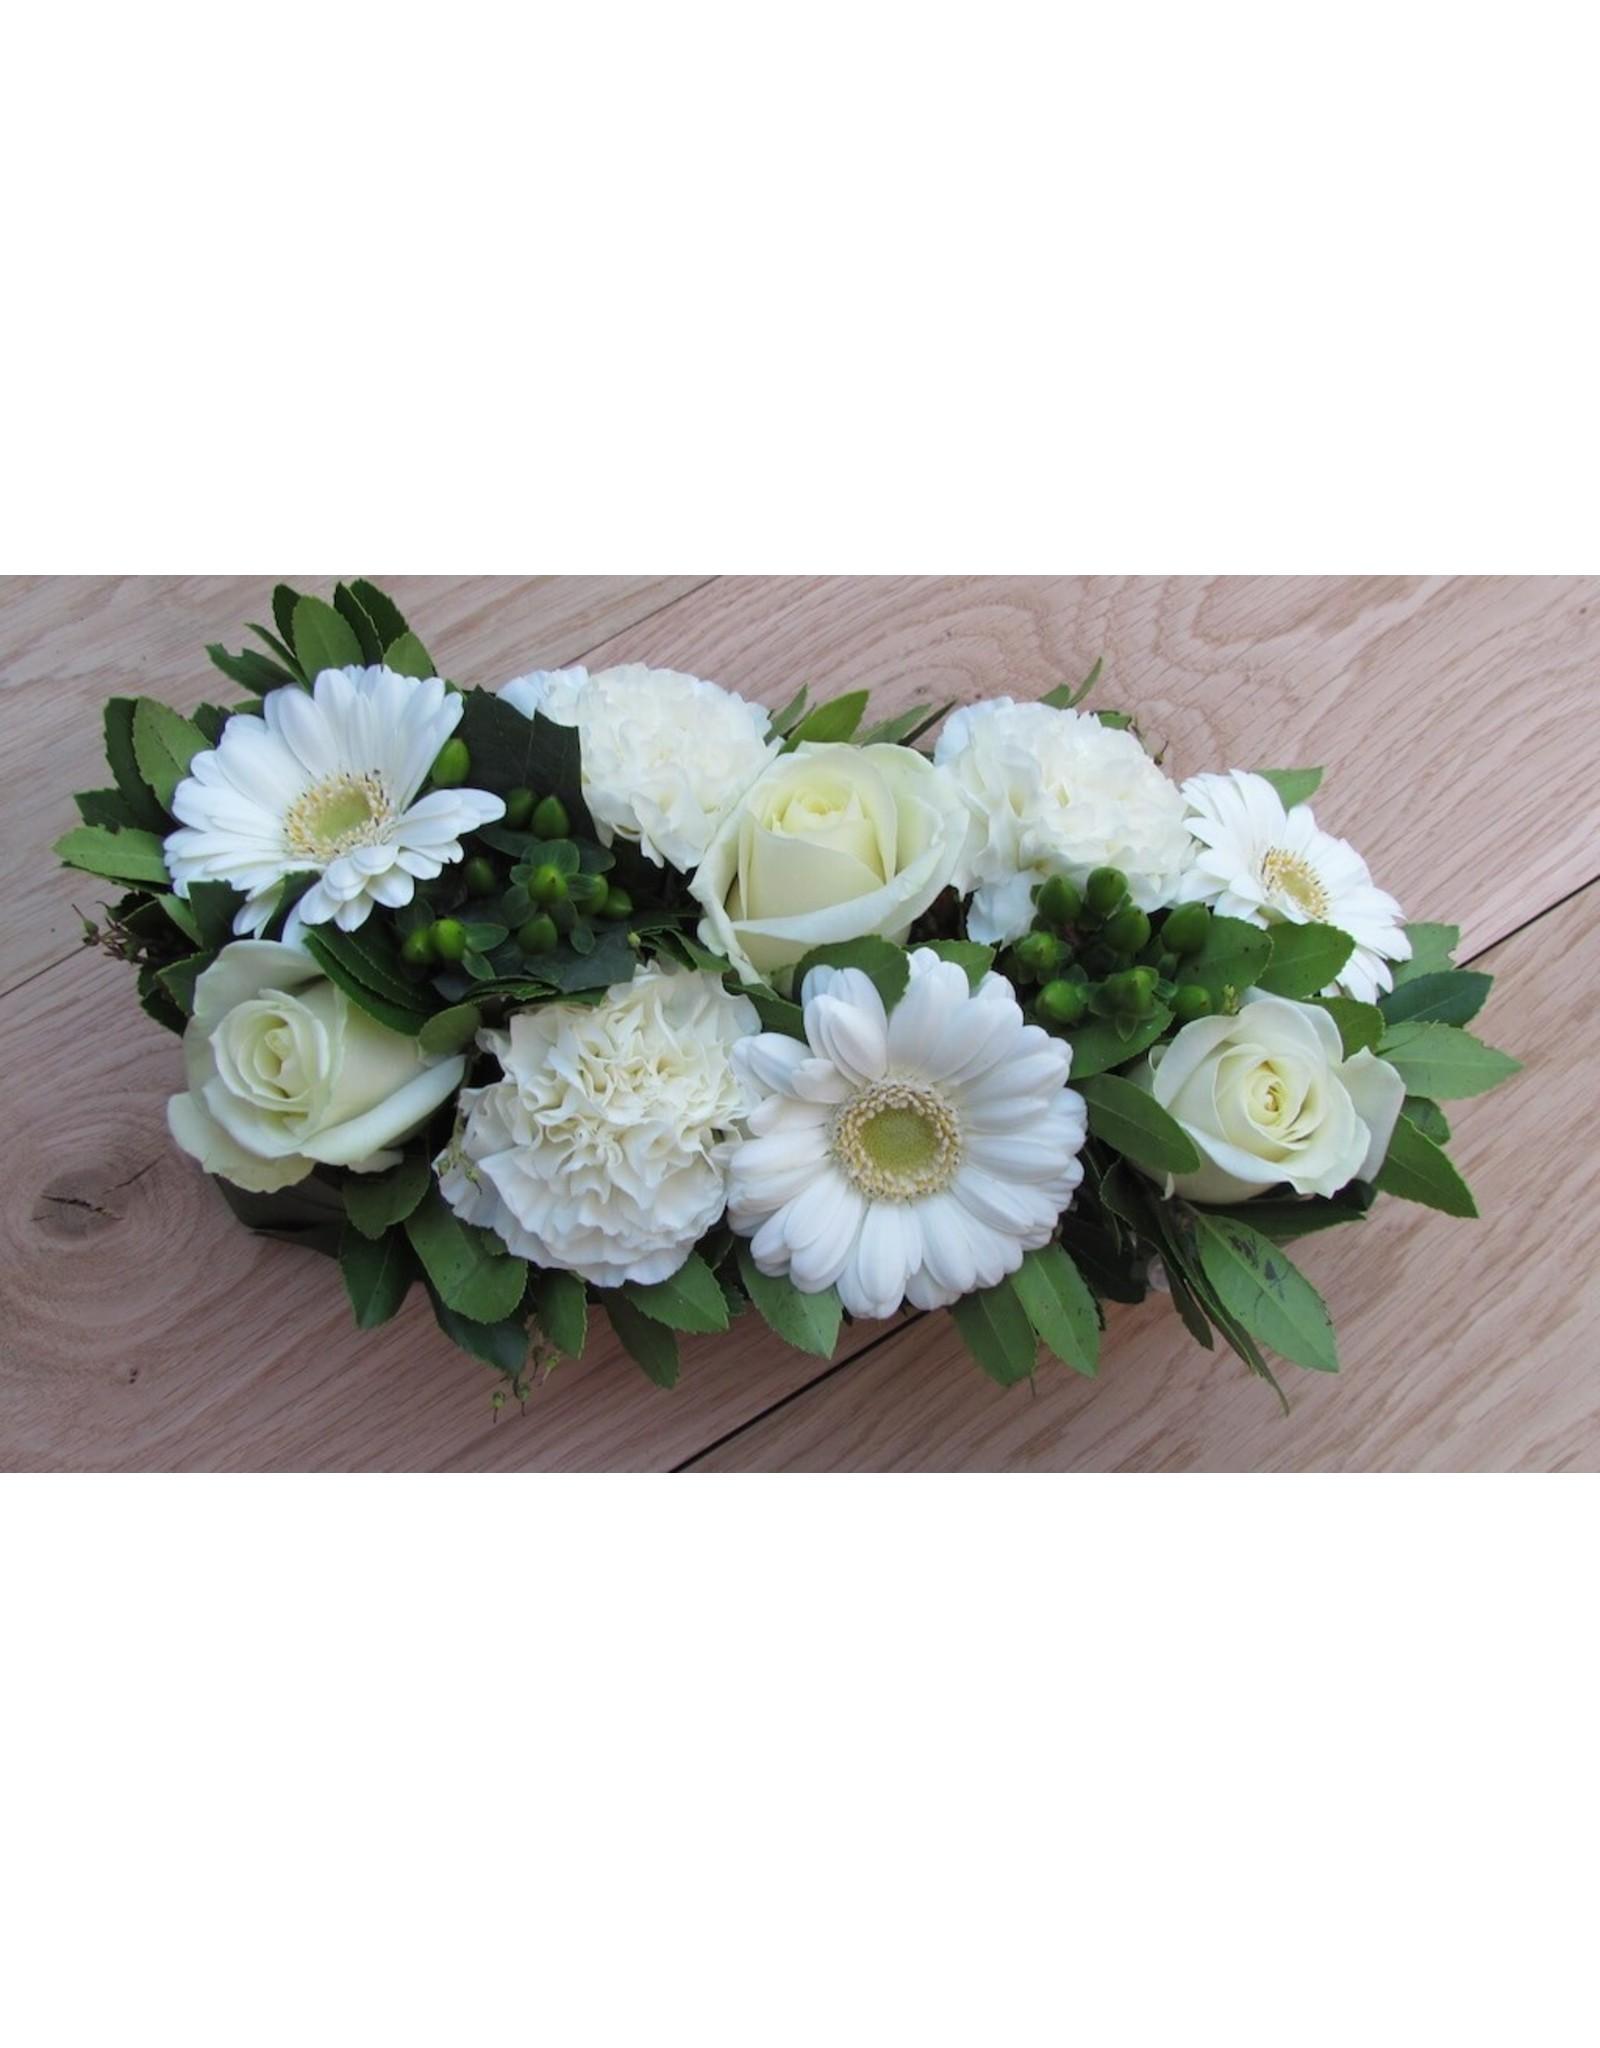 klein rouwstuk met  fijne bloemen in 2 maten